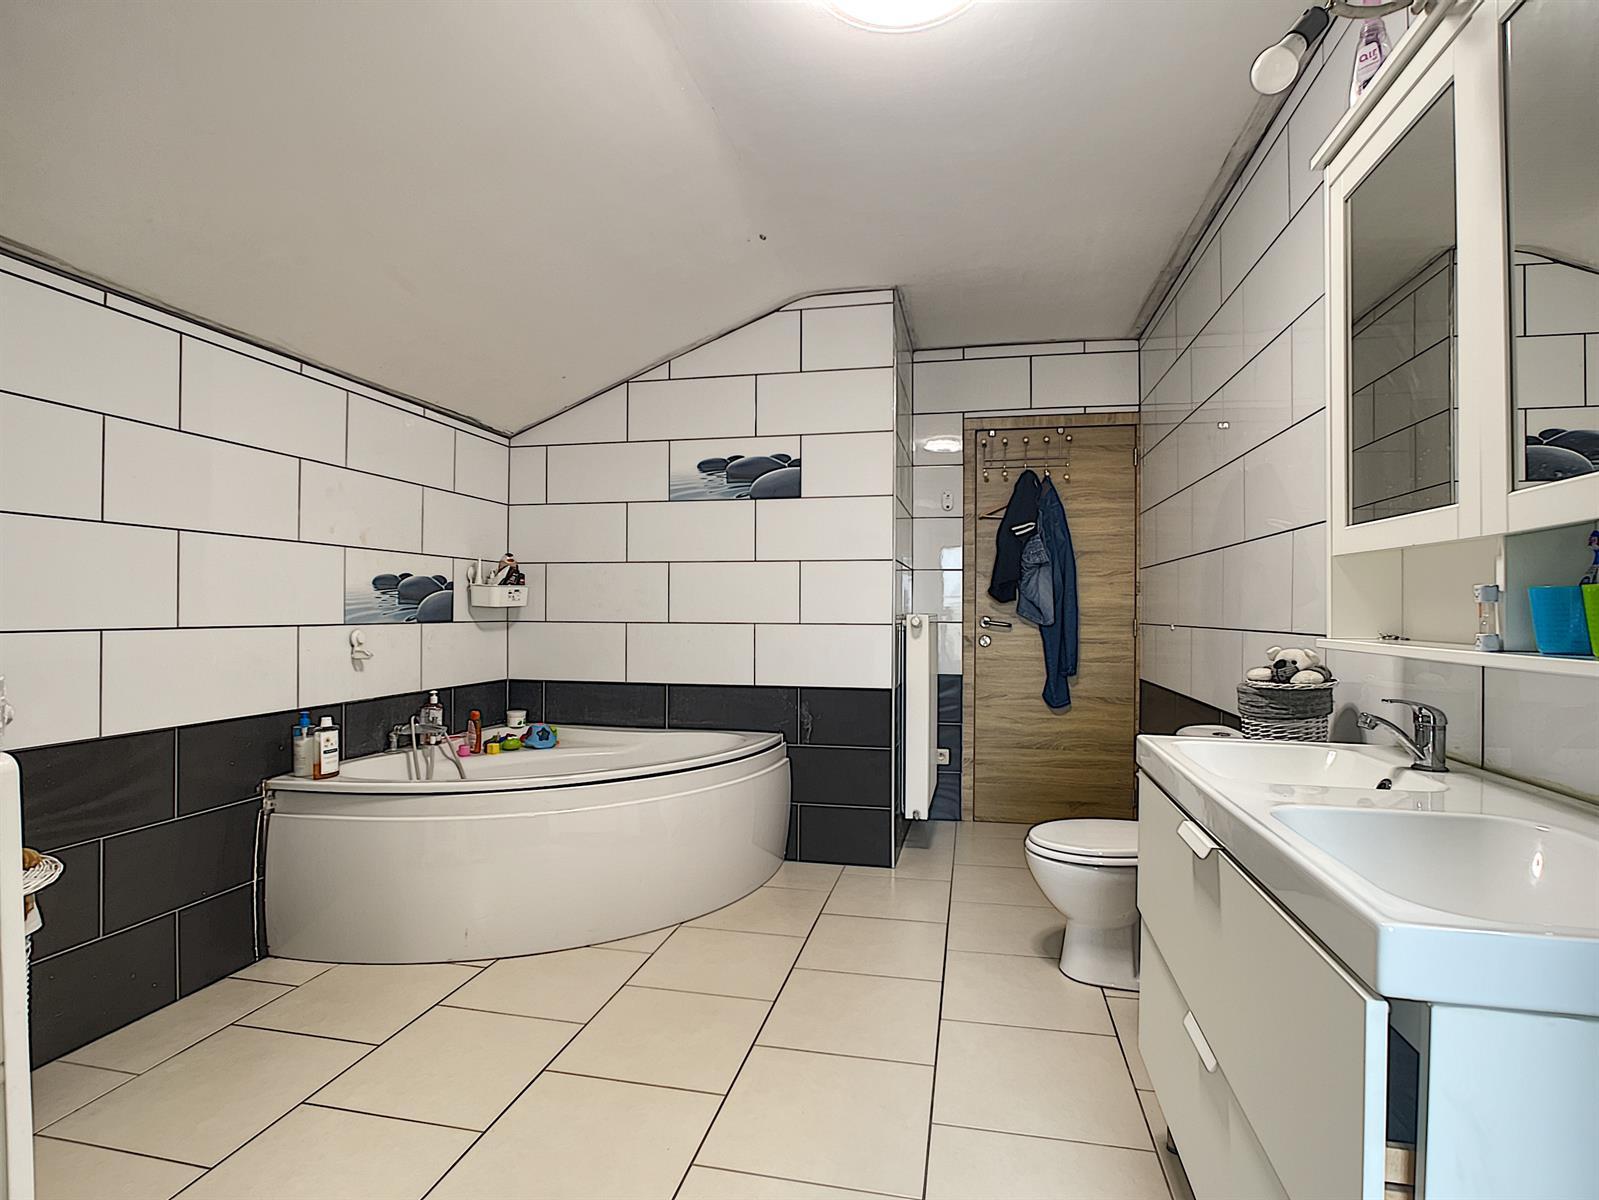 Maison - Gouy-lez-Piéton - #4452348-18